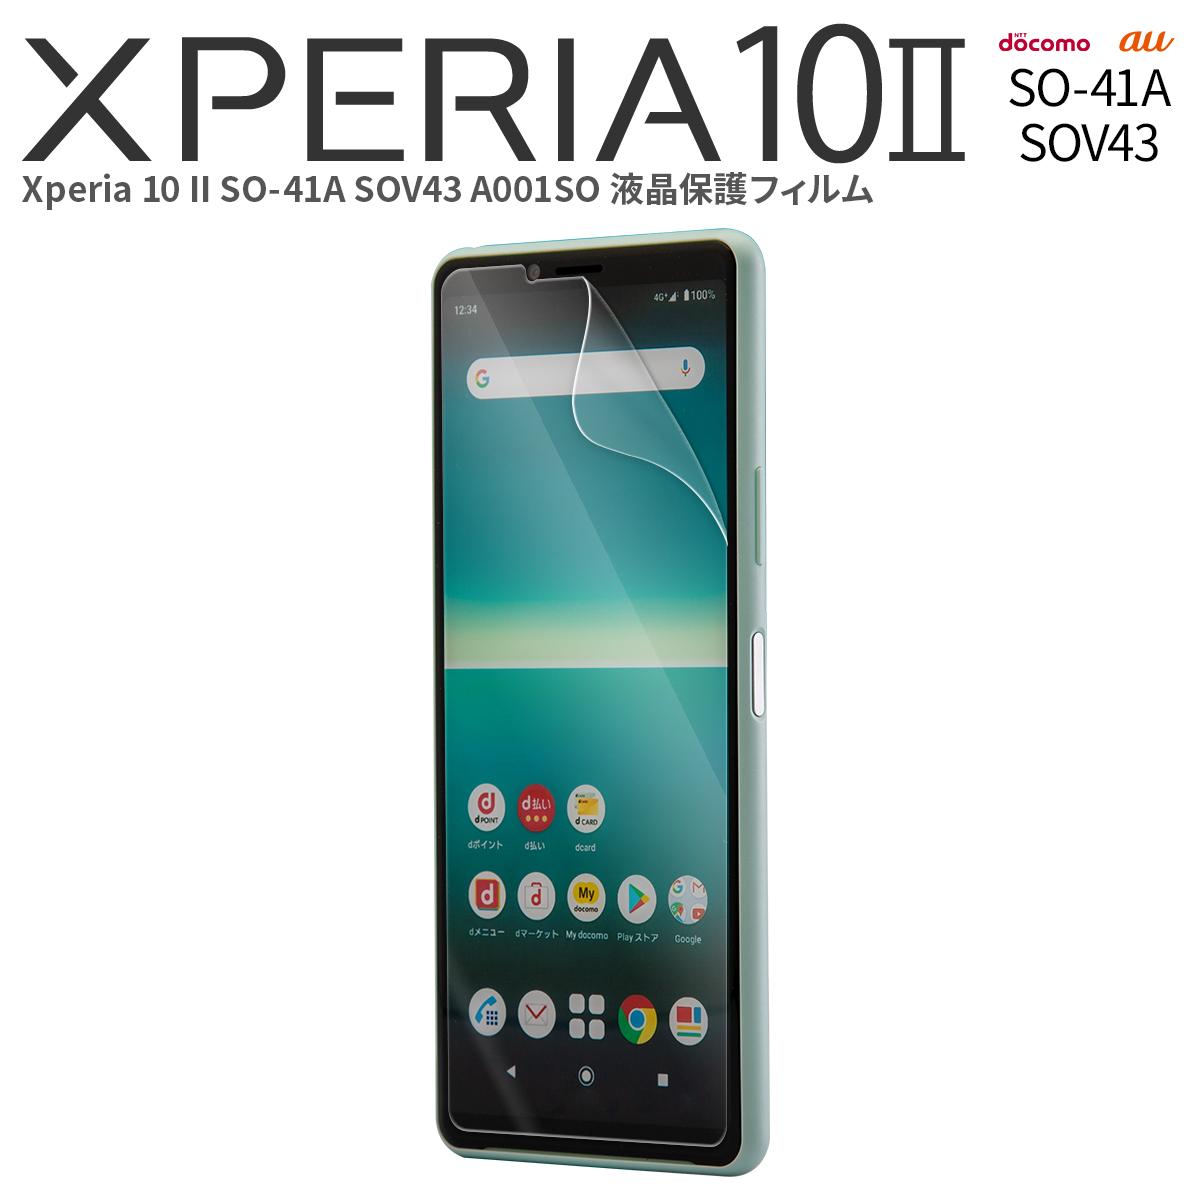 Xperia 10 II SO-41A SOV43 A001SO 液晶保護フィルム